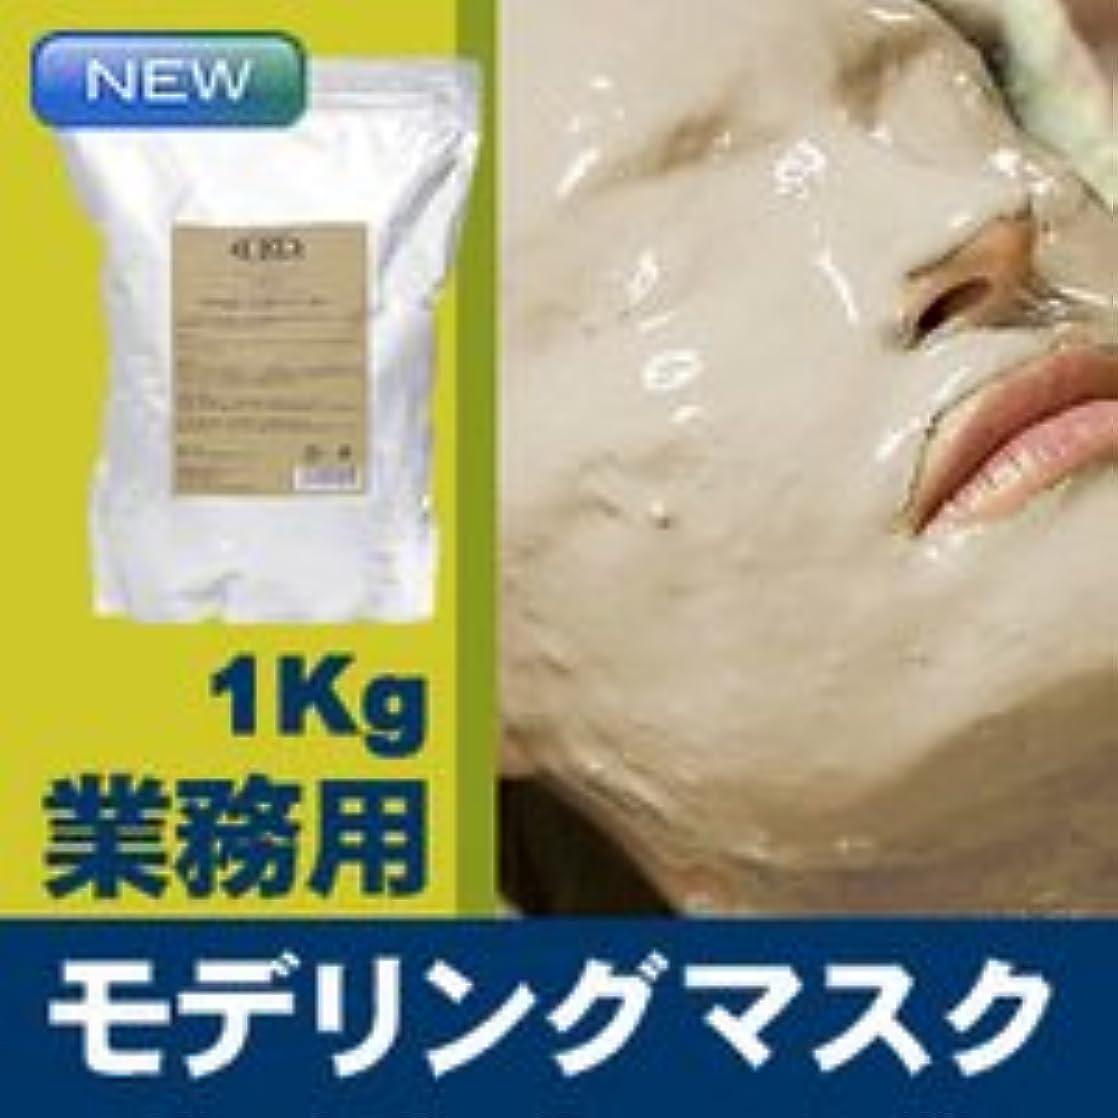 痛みギャップ独創的モデリングマスク 1Kg 大量のシアル酸配合(チャーミングクリスタル) / フェイスマスク?パック 【ピールオフマスク】